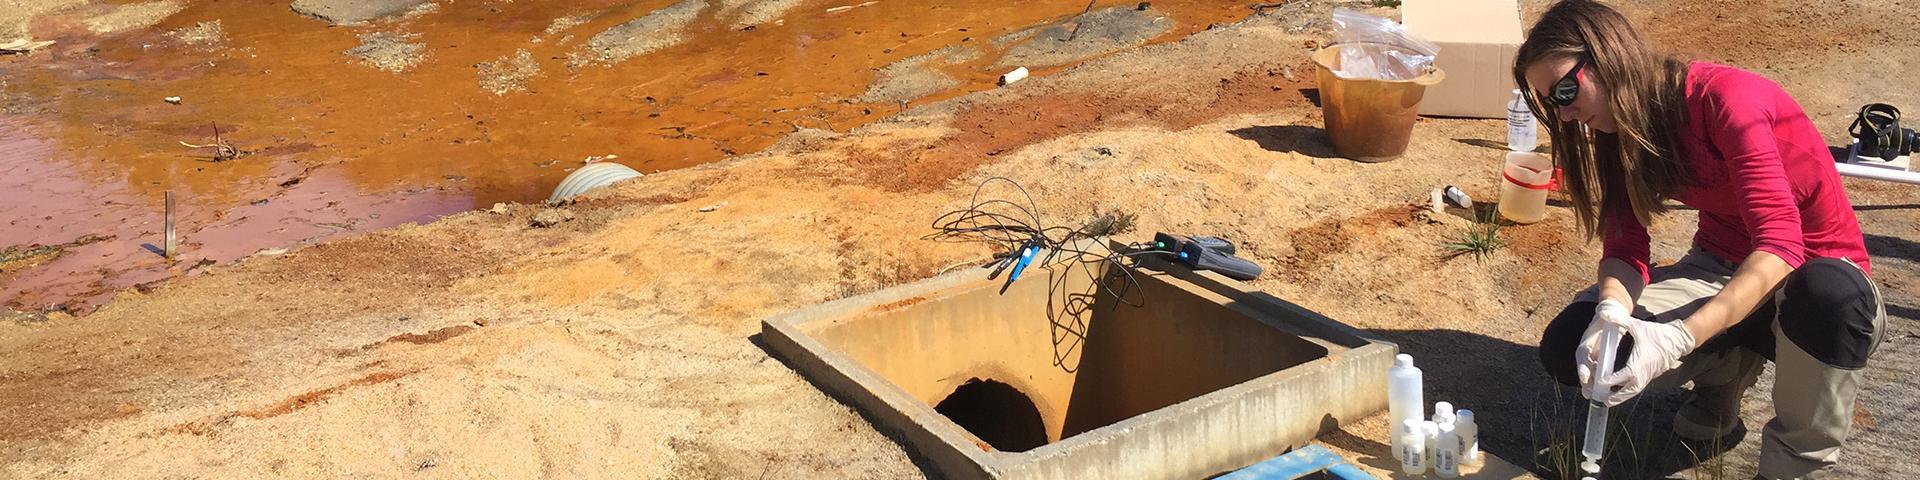 Prélèvement d'eau pour le suivi qualitatif et quantitatif des eaux issues du DMA, Loire-Atlantique